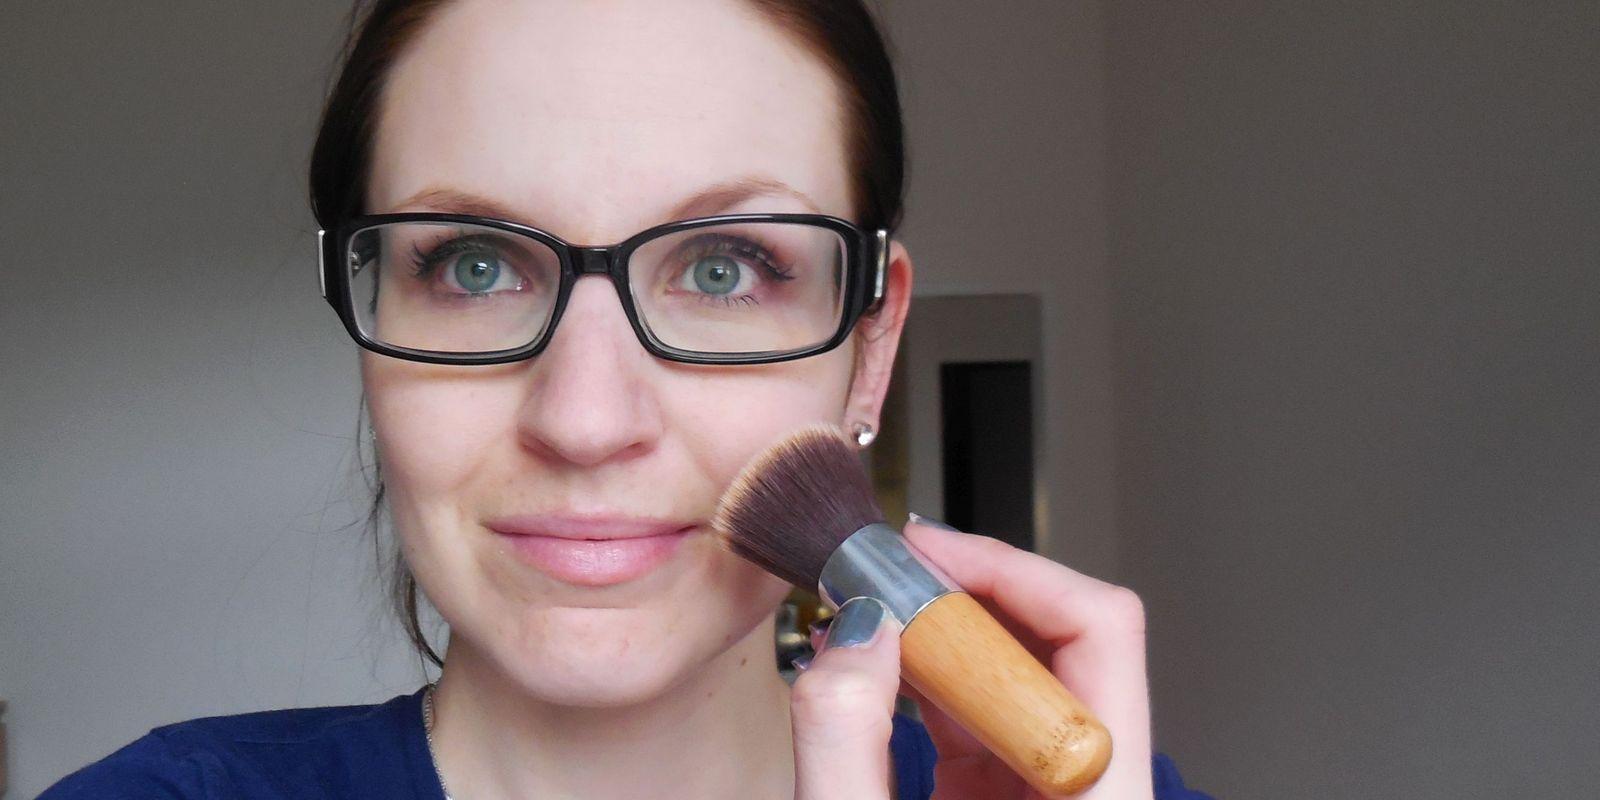 Matná pleť díky make-upu